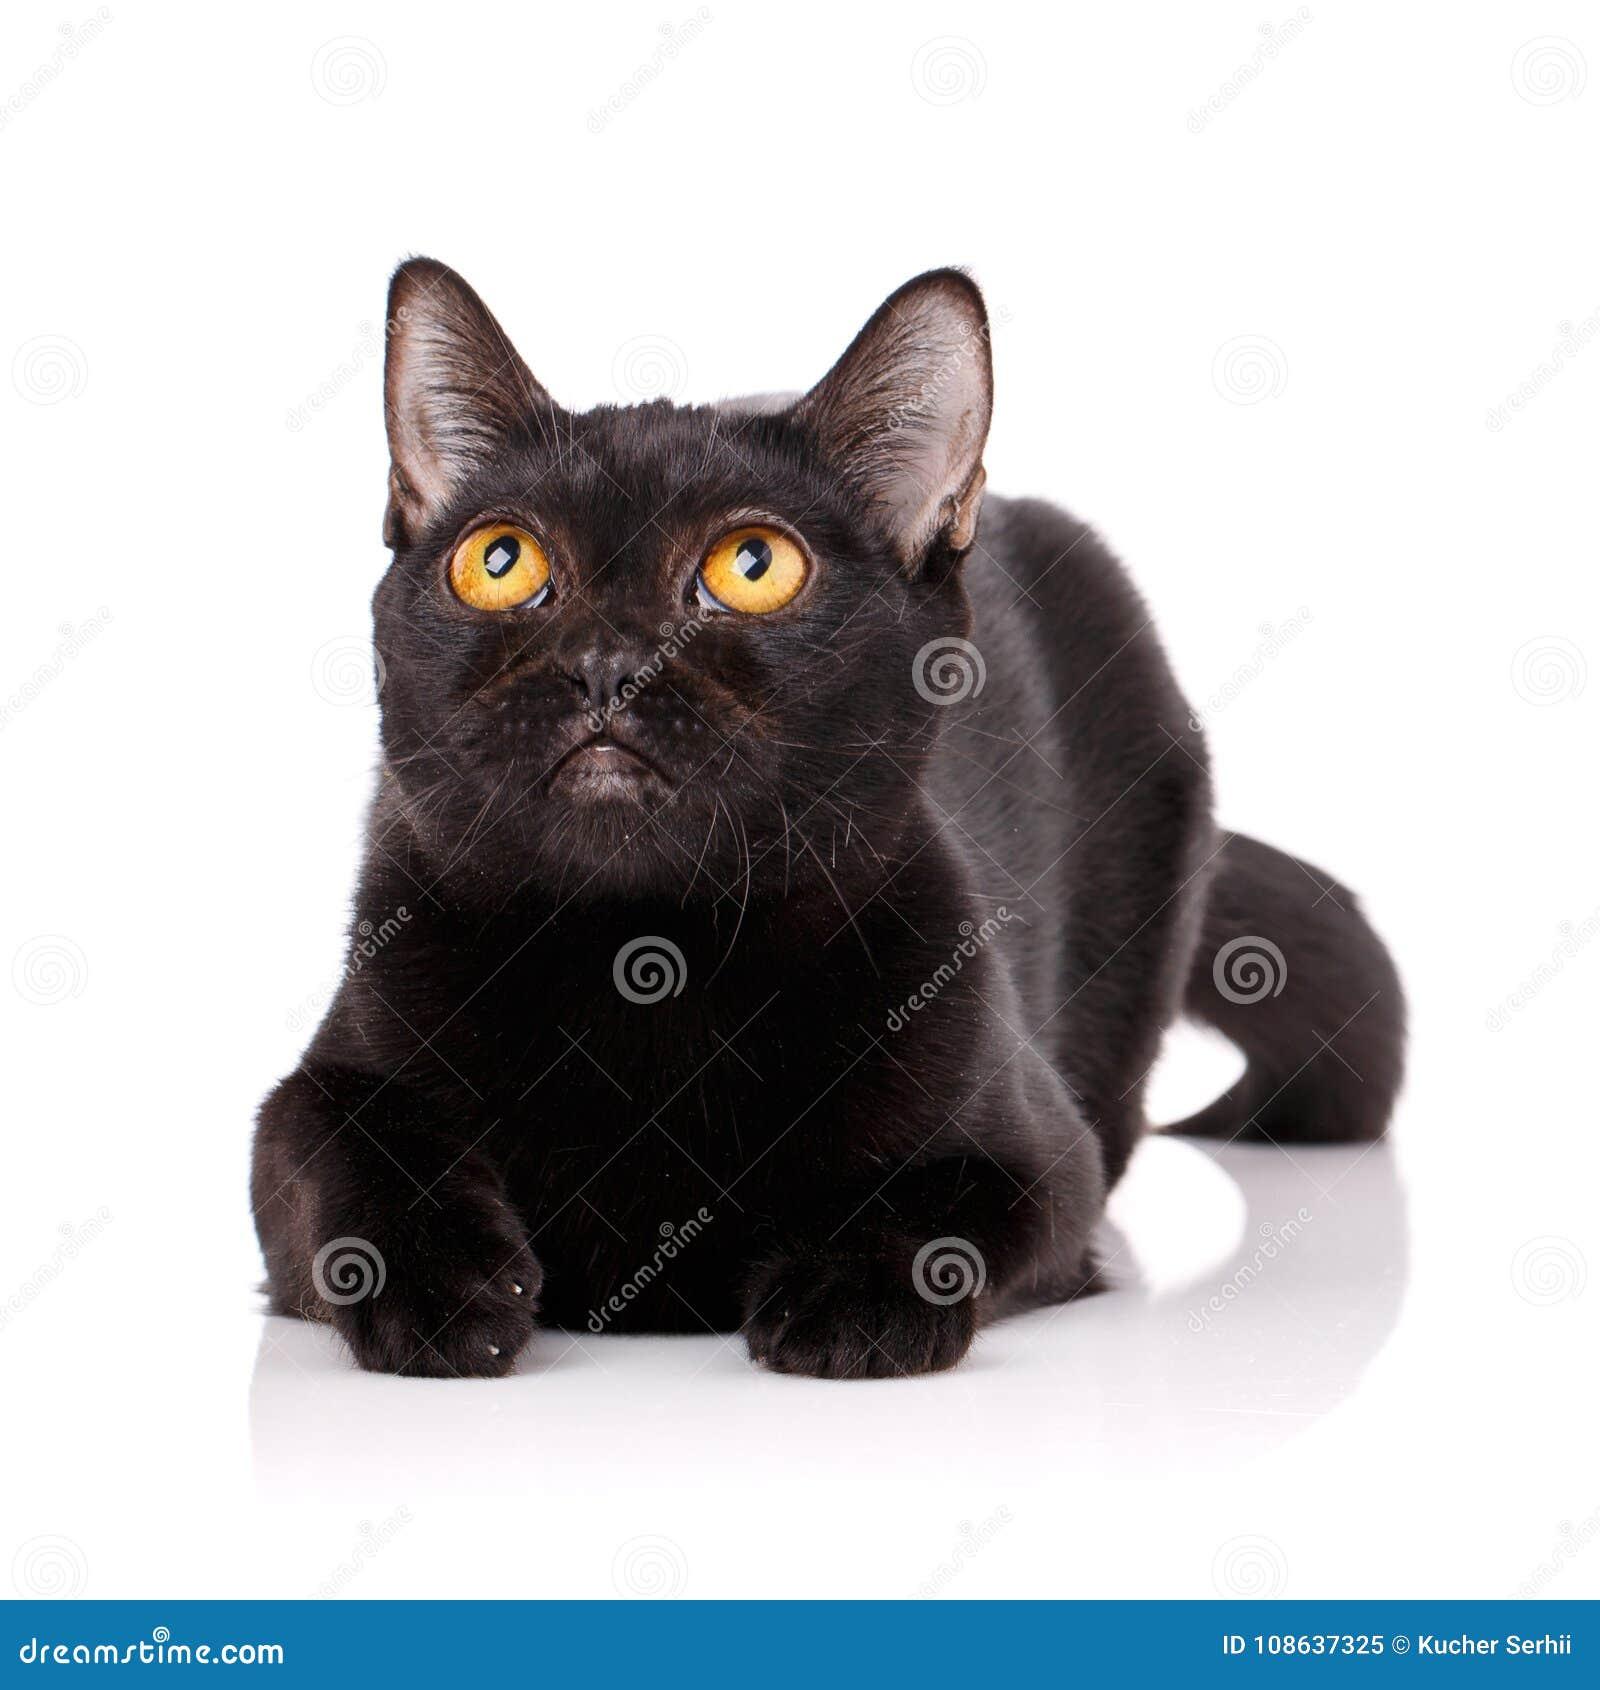 Bombay czarny kot z kolorem żółtym przygląda się lying on the beach na białym tle,